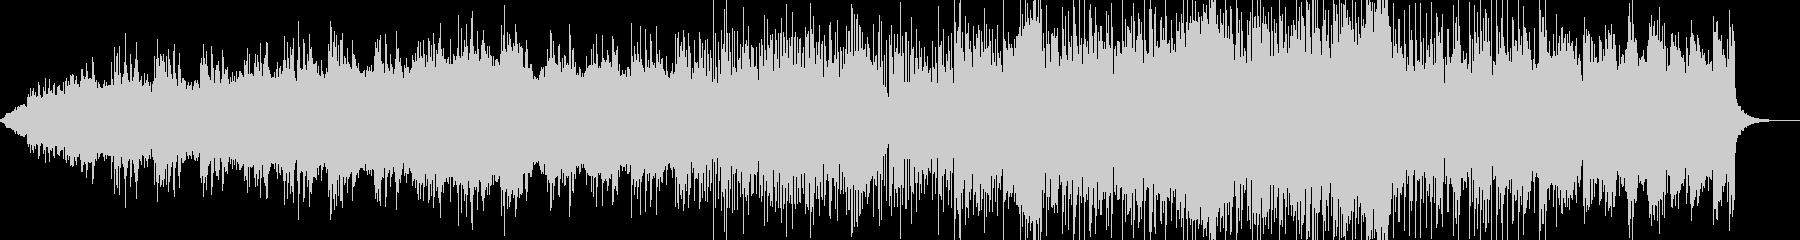 和風なBGM、大阪ビートの未再生の波形